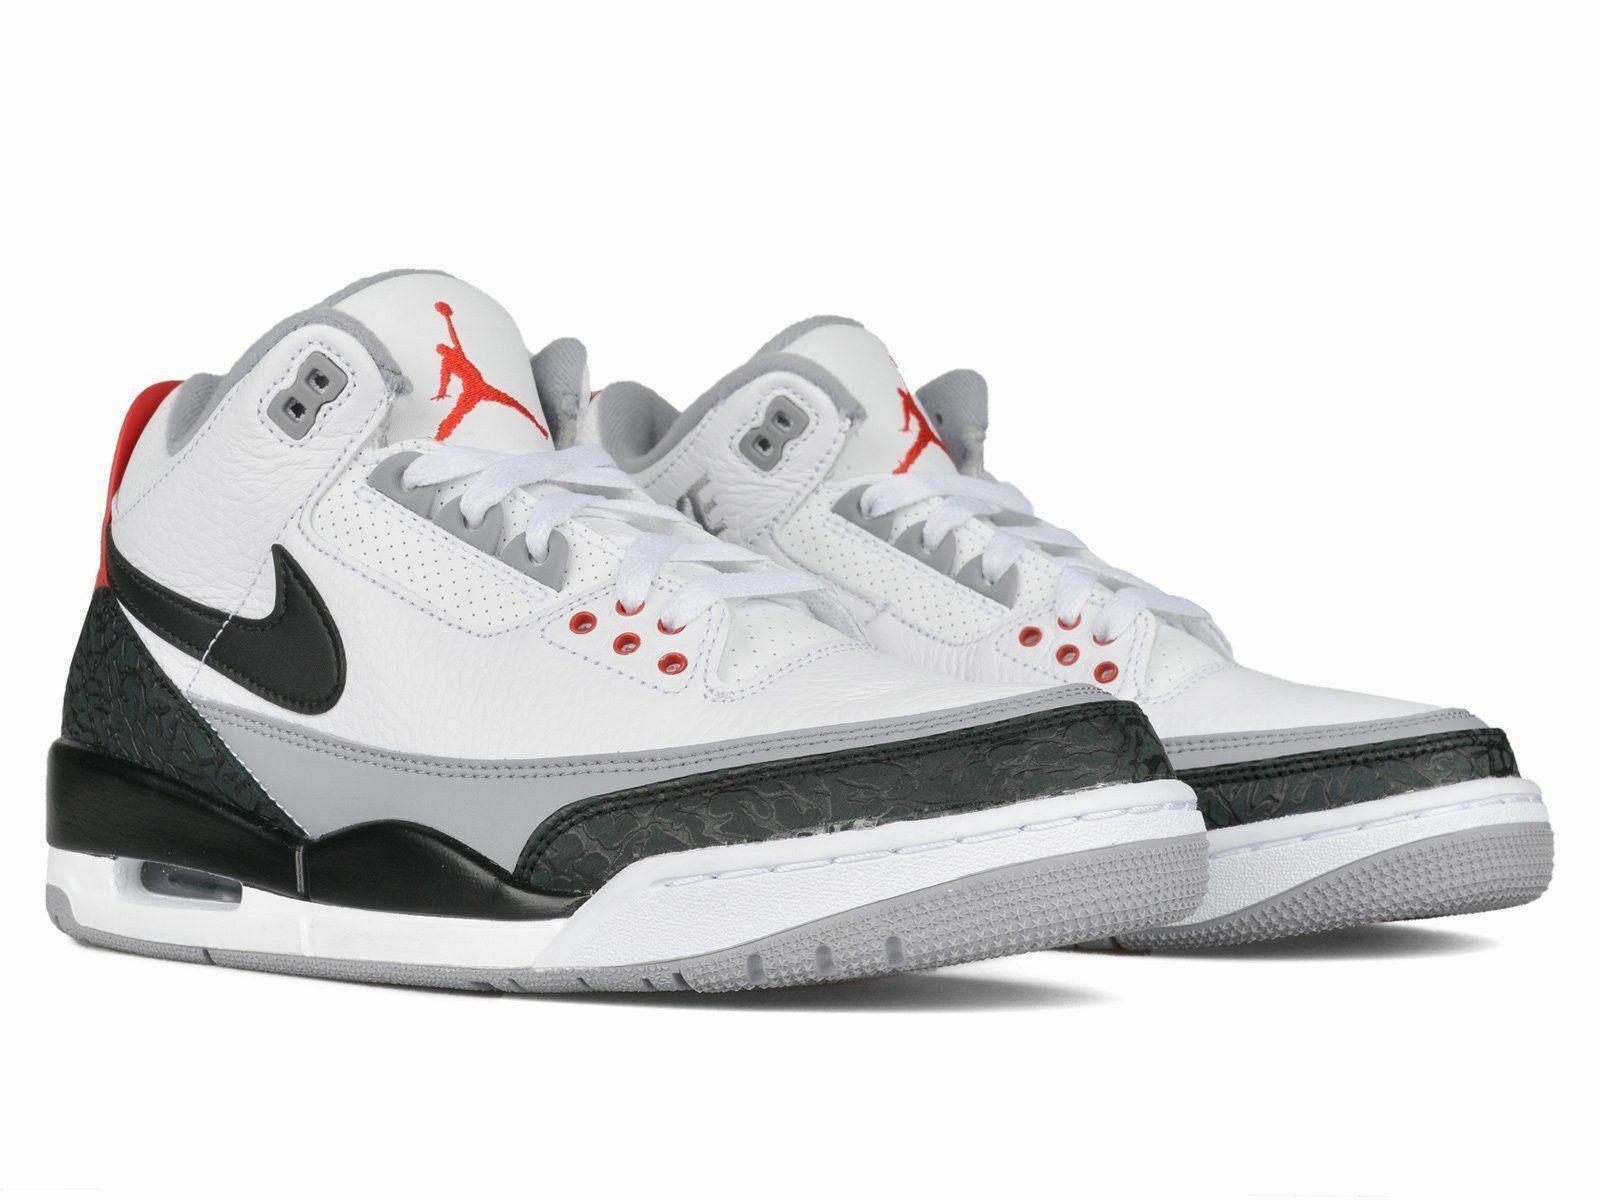 Nike Air Jordan 3 Tinker Retro Tinker NRG Size 10